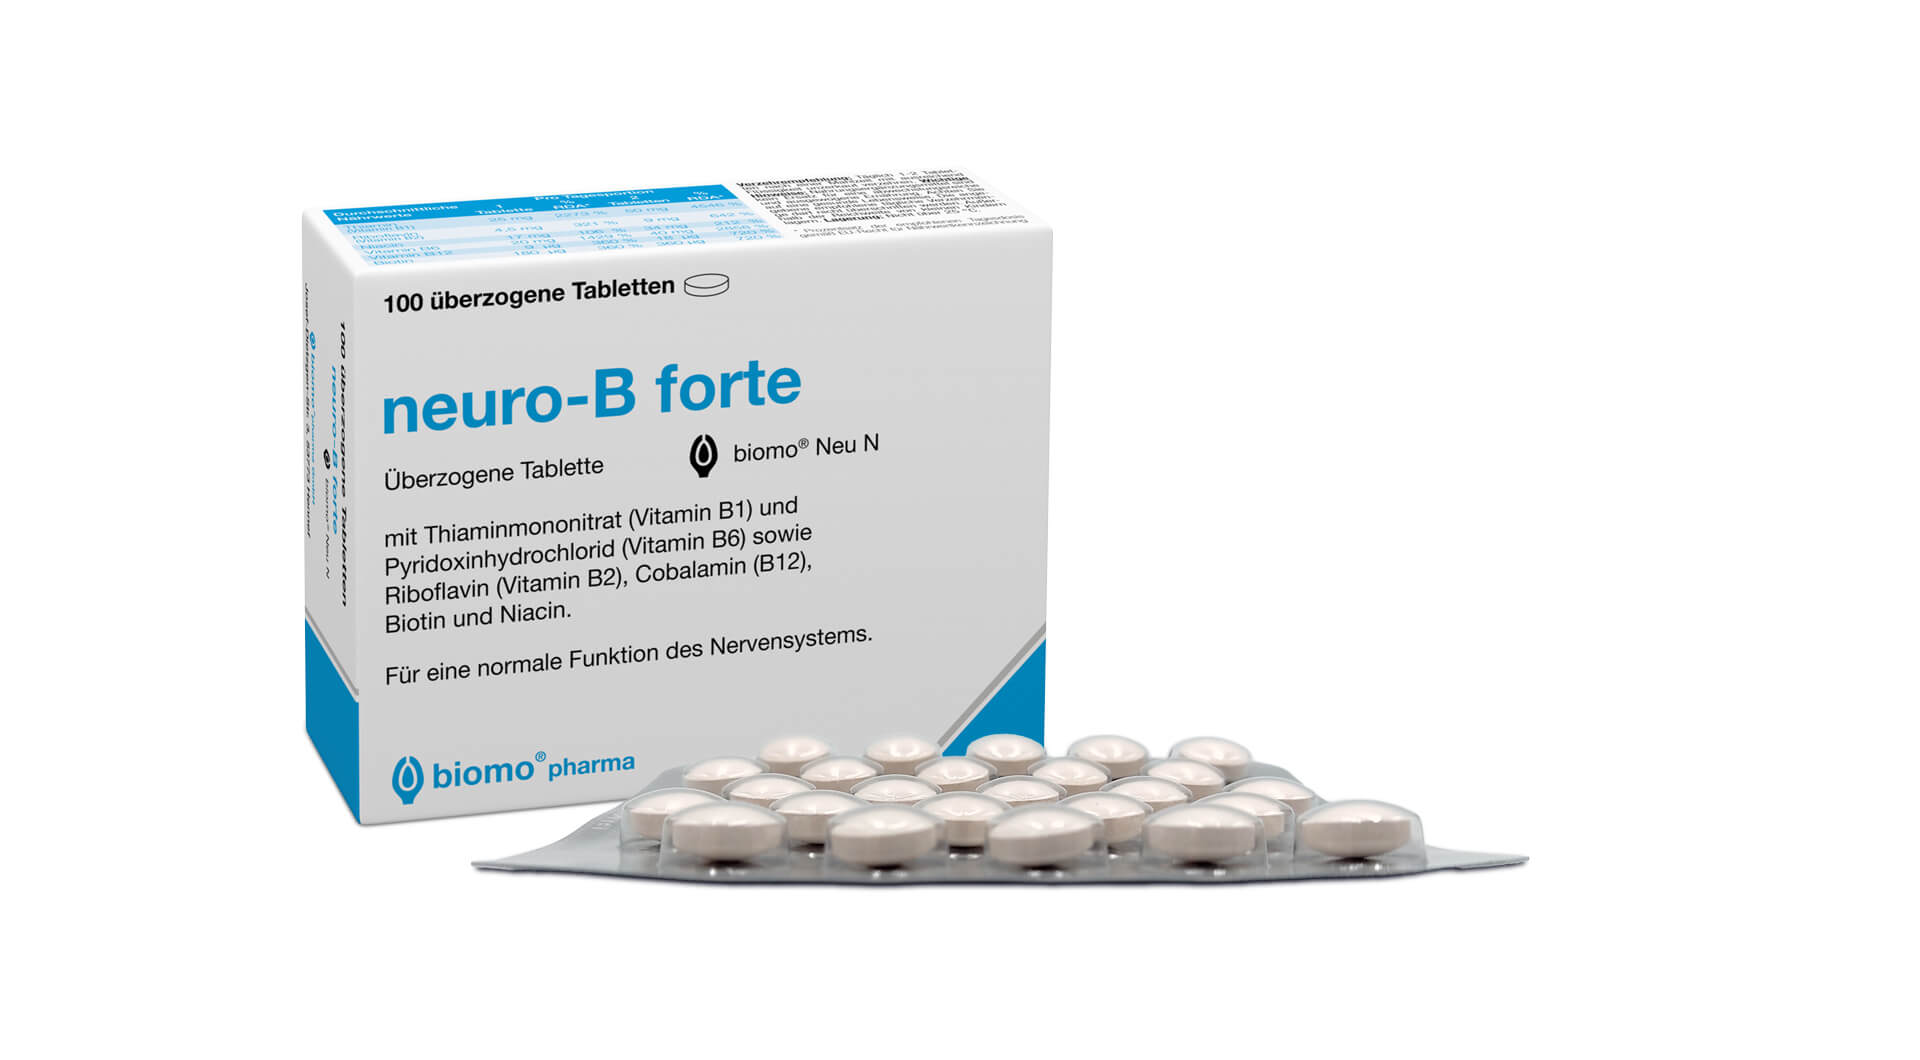 neuro-B forte biomo Neu (NEM)